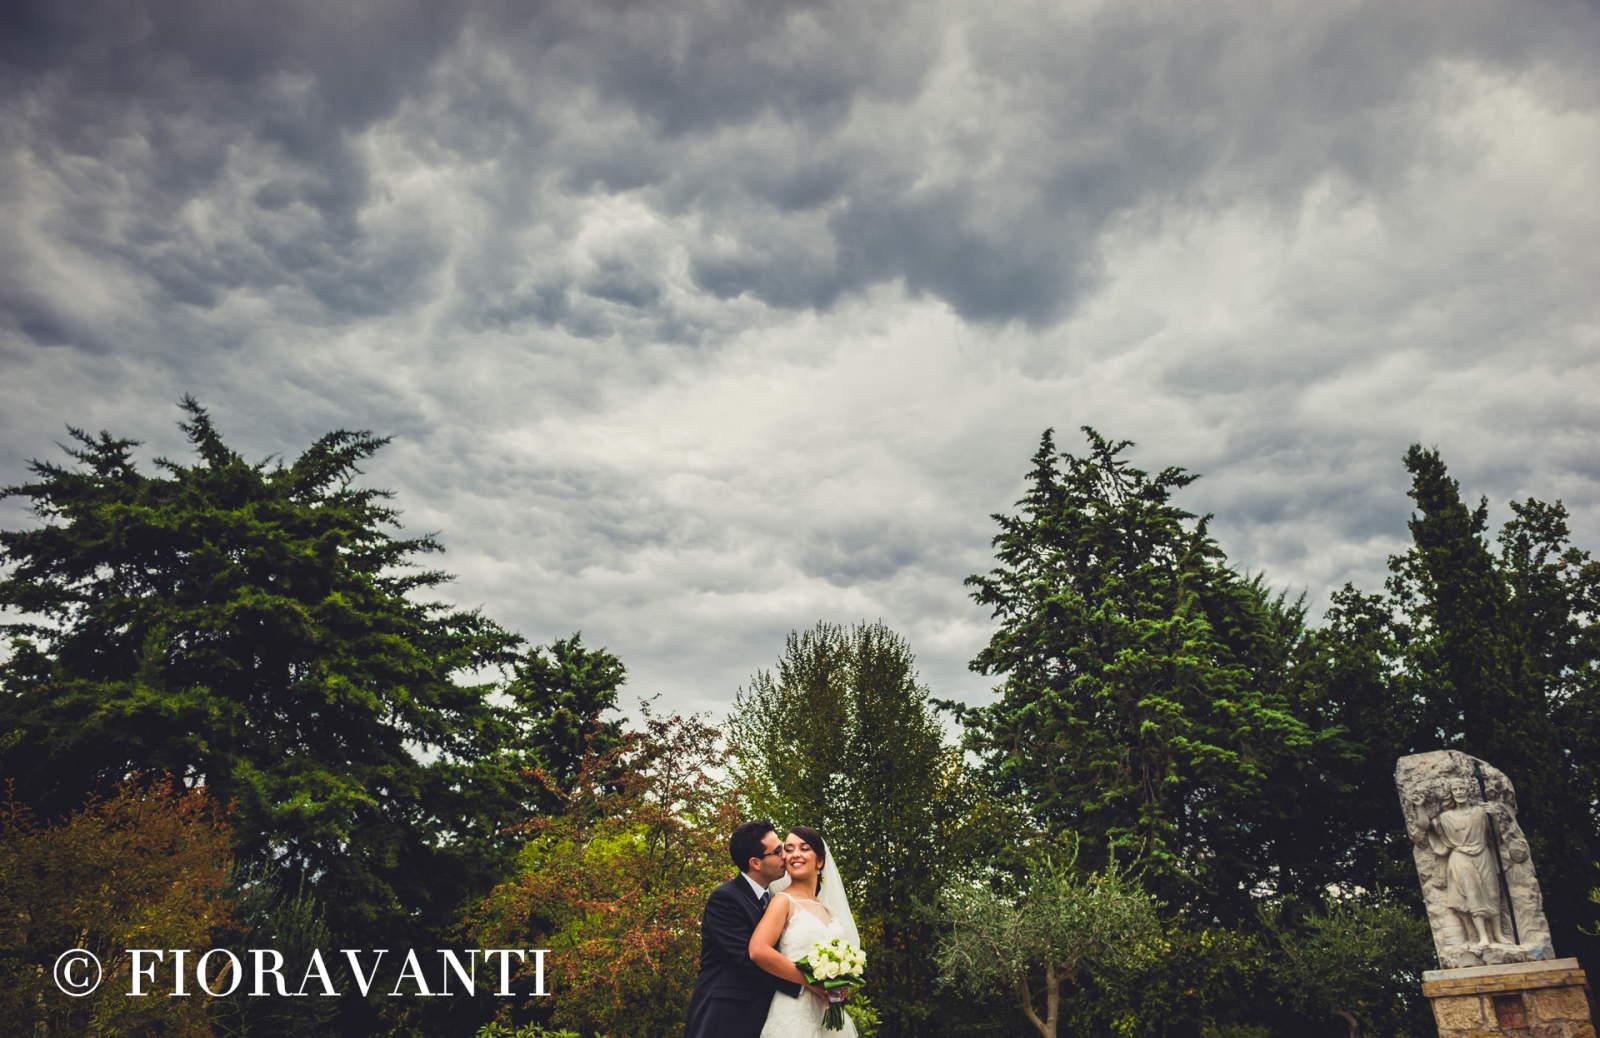 Eleonora&Simone Studio Fotografico Fioravanti Ascoli Piceno